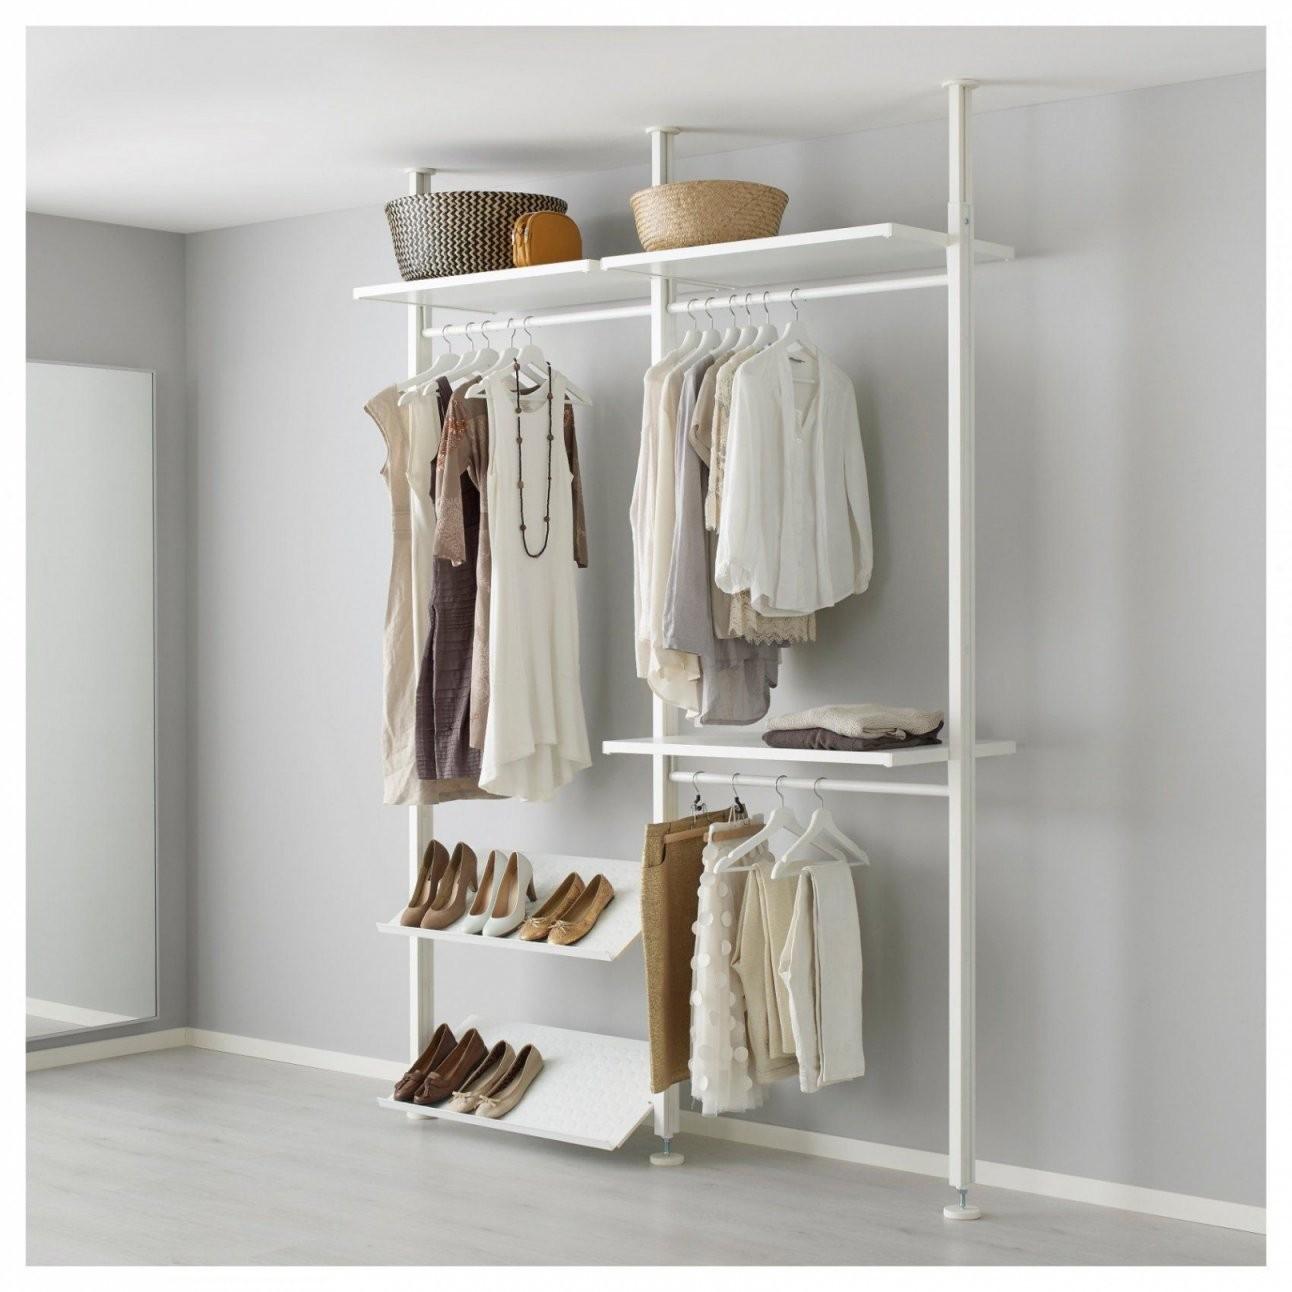 Kleideraufbewahrung Selber Bauen — Temobardz Home Blog von Begehbarer Kleiderschrank Selber Bauen Ikea Bild